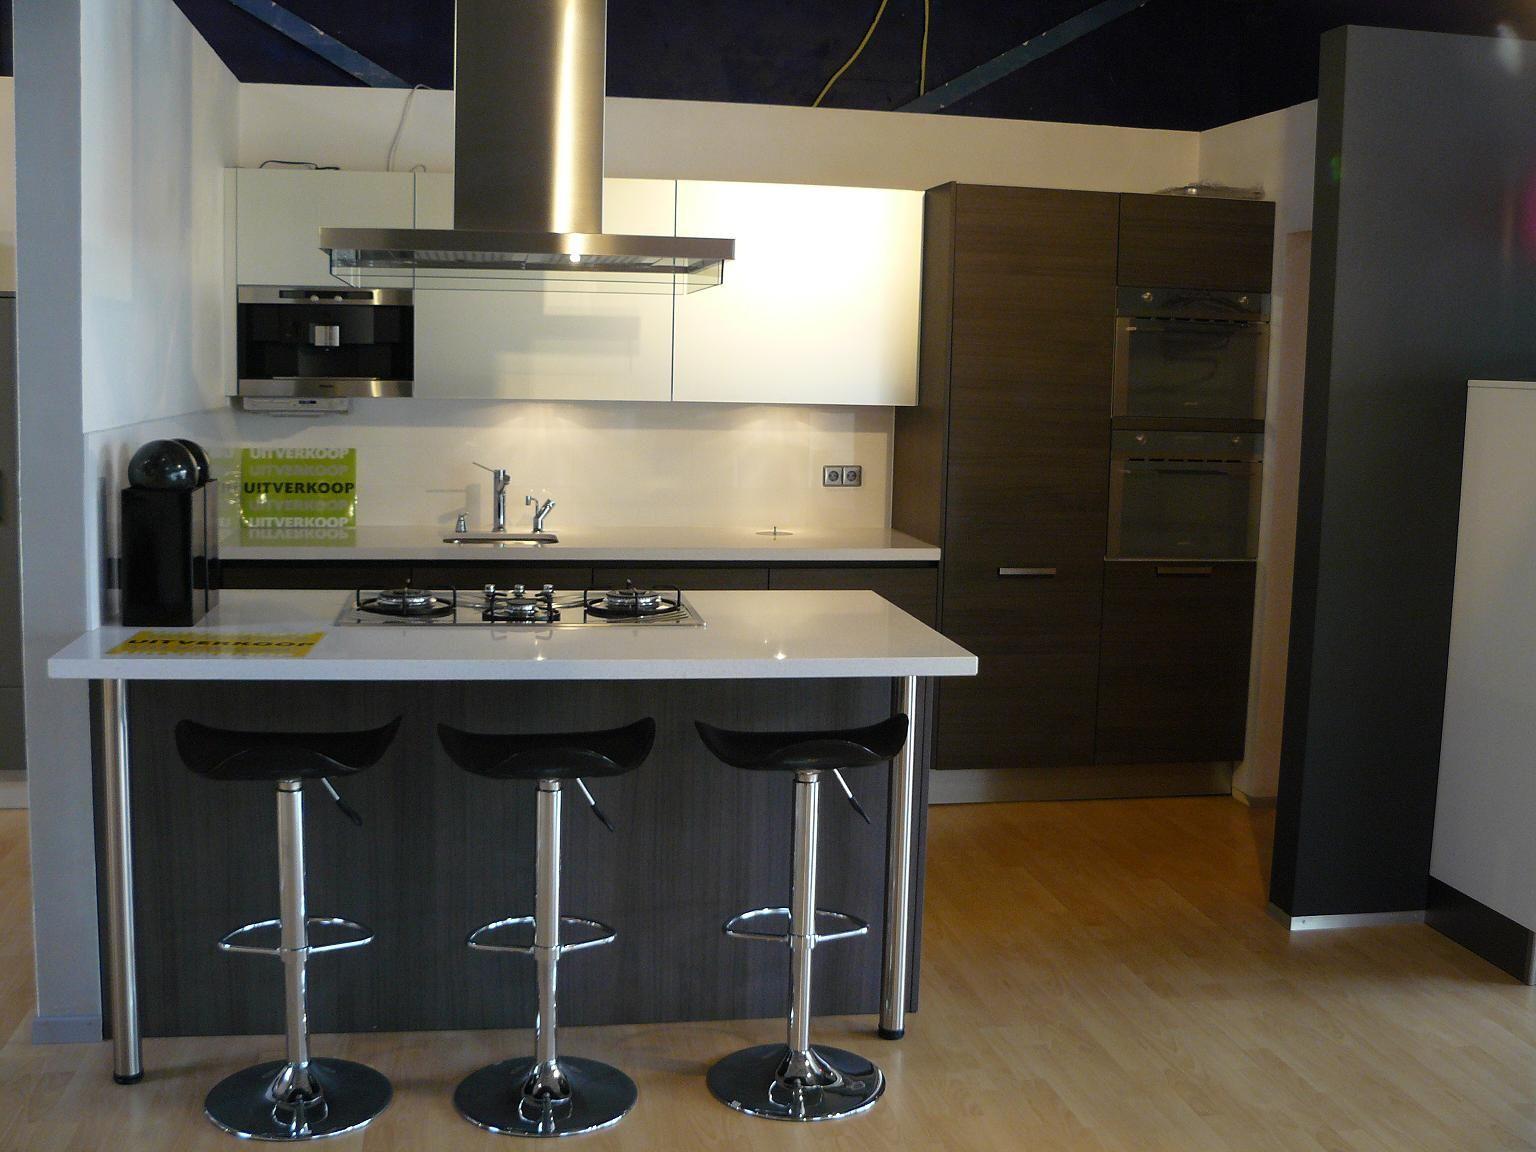 Keuken Grijs Eiken – Atumre com